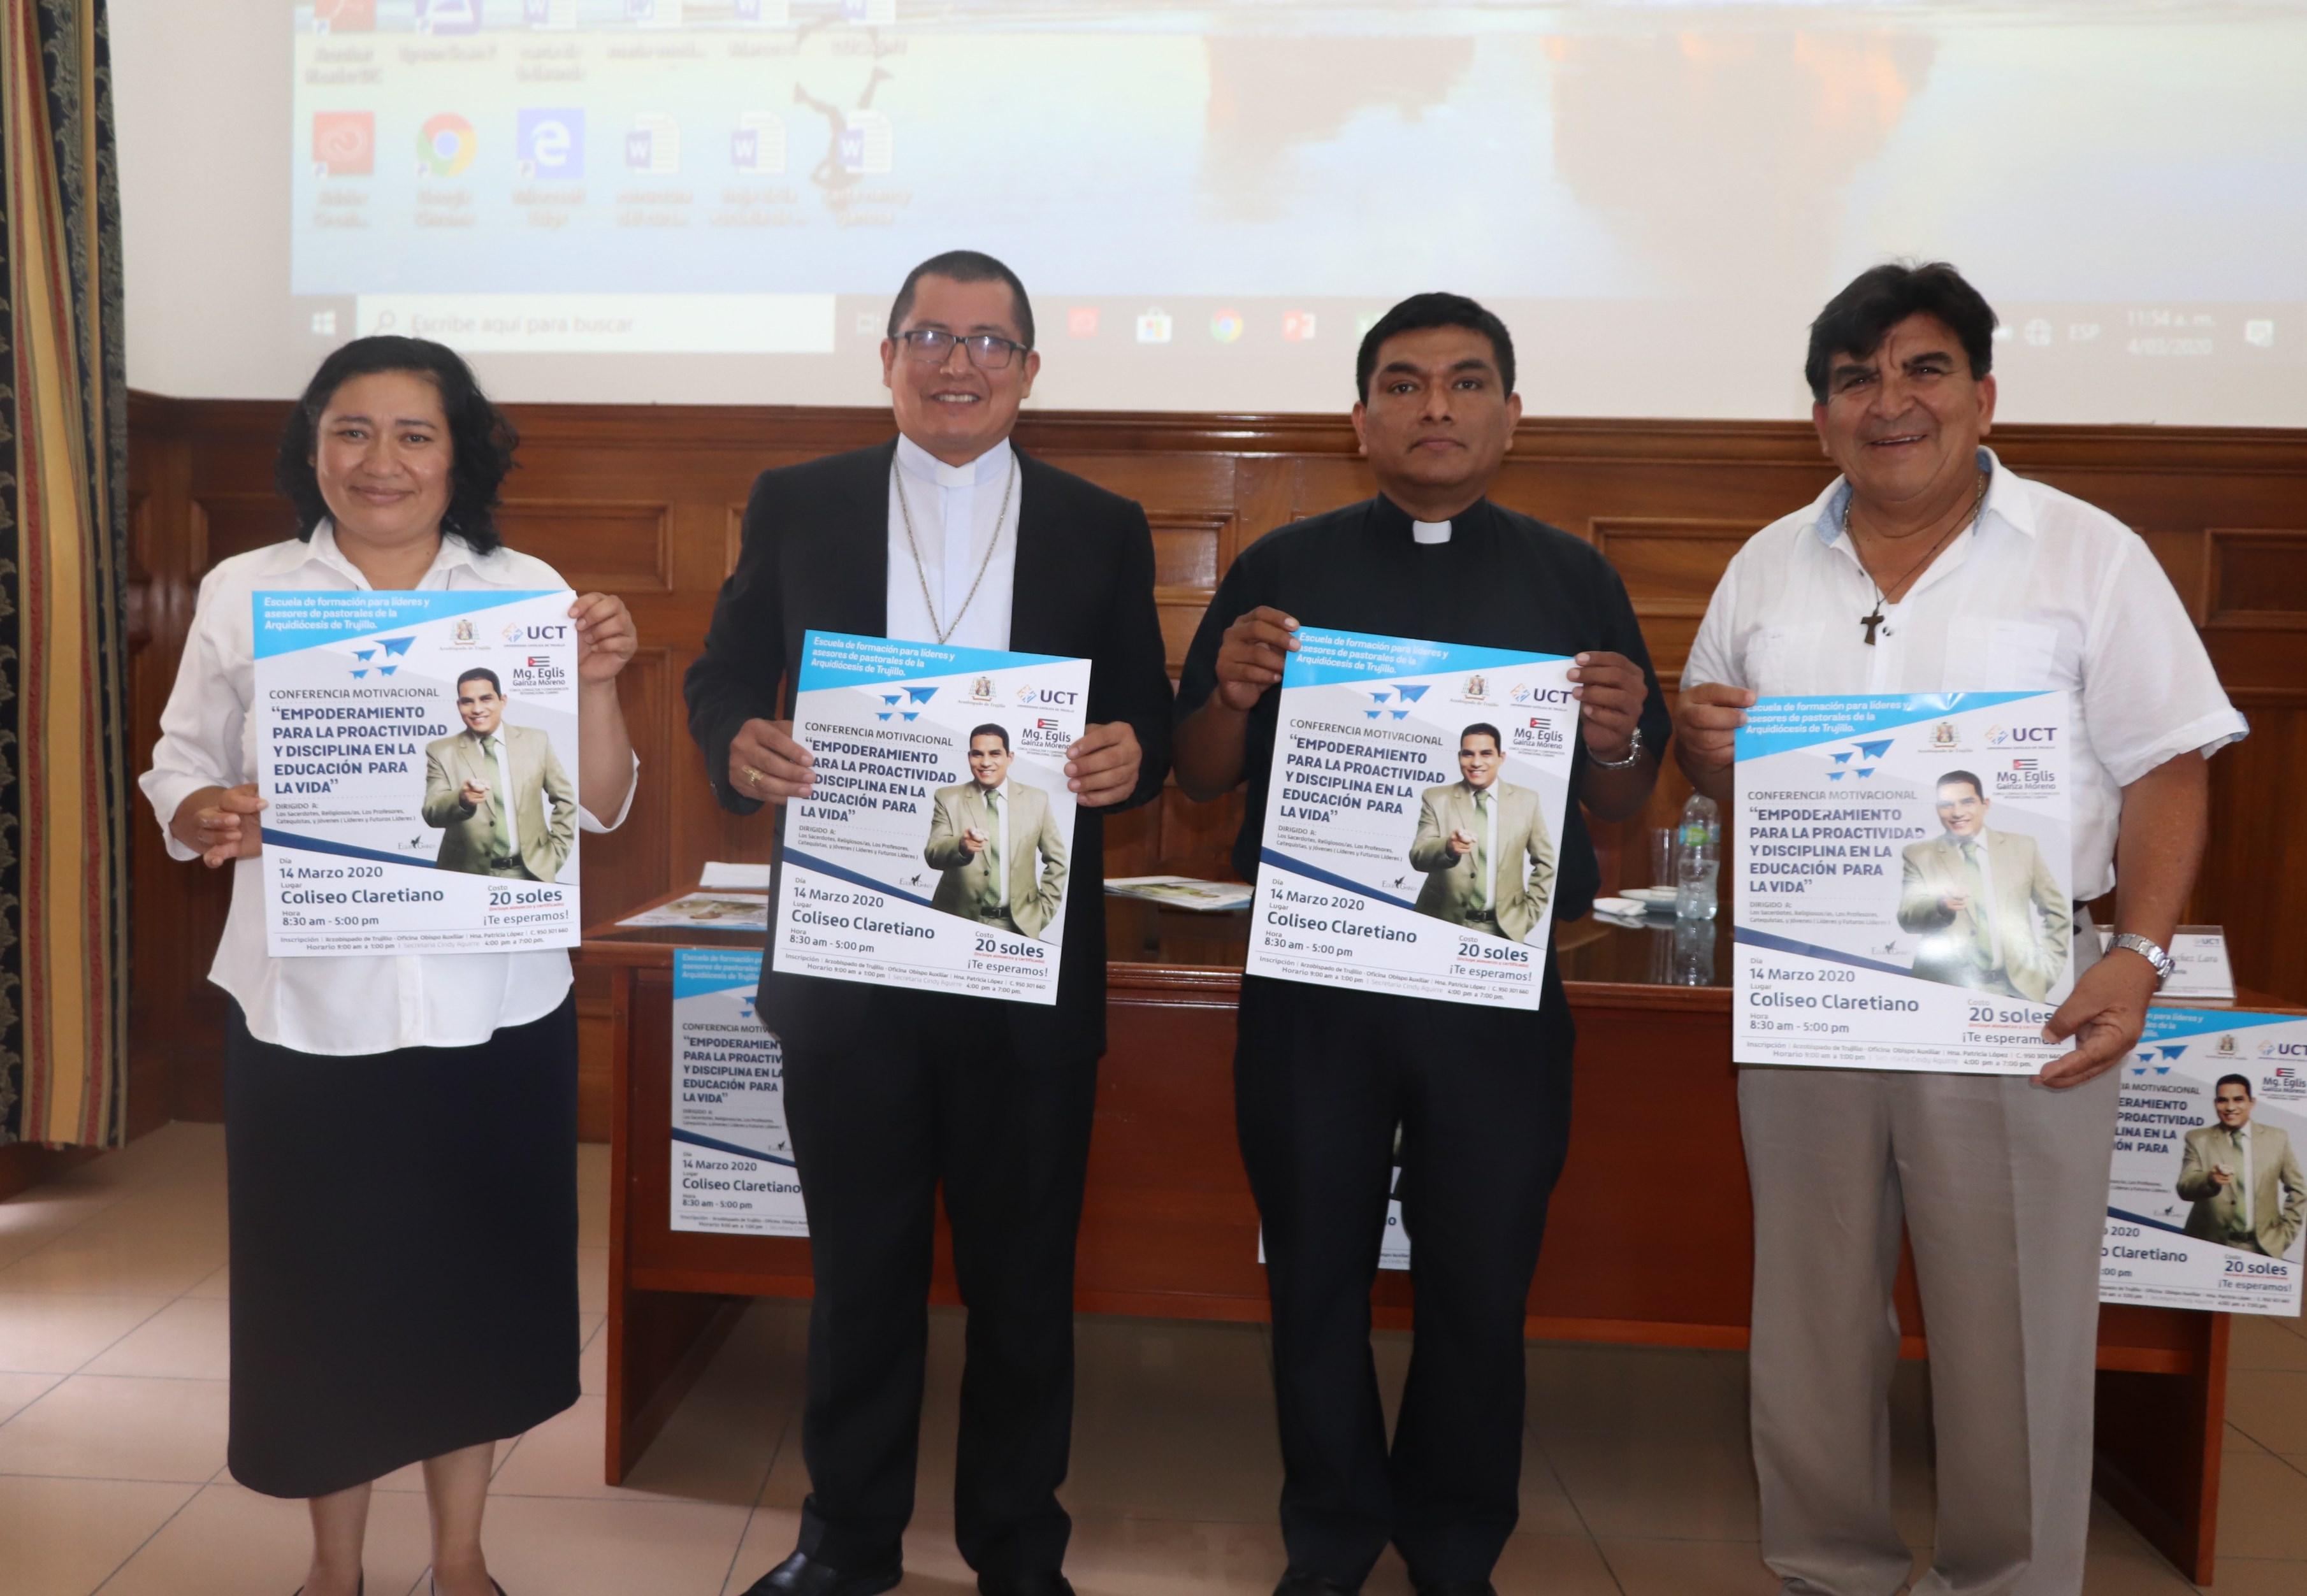 Cubano Eglis Gaínza ofrecerá Conferencia Motivacional sobre proactividad y disciplina para la vida